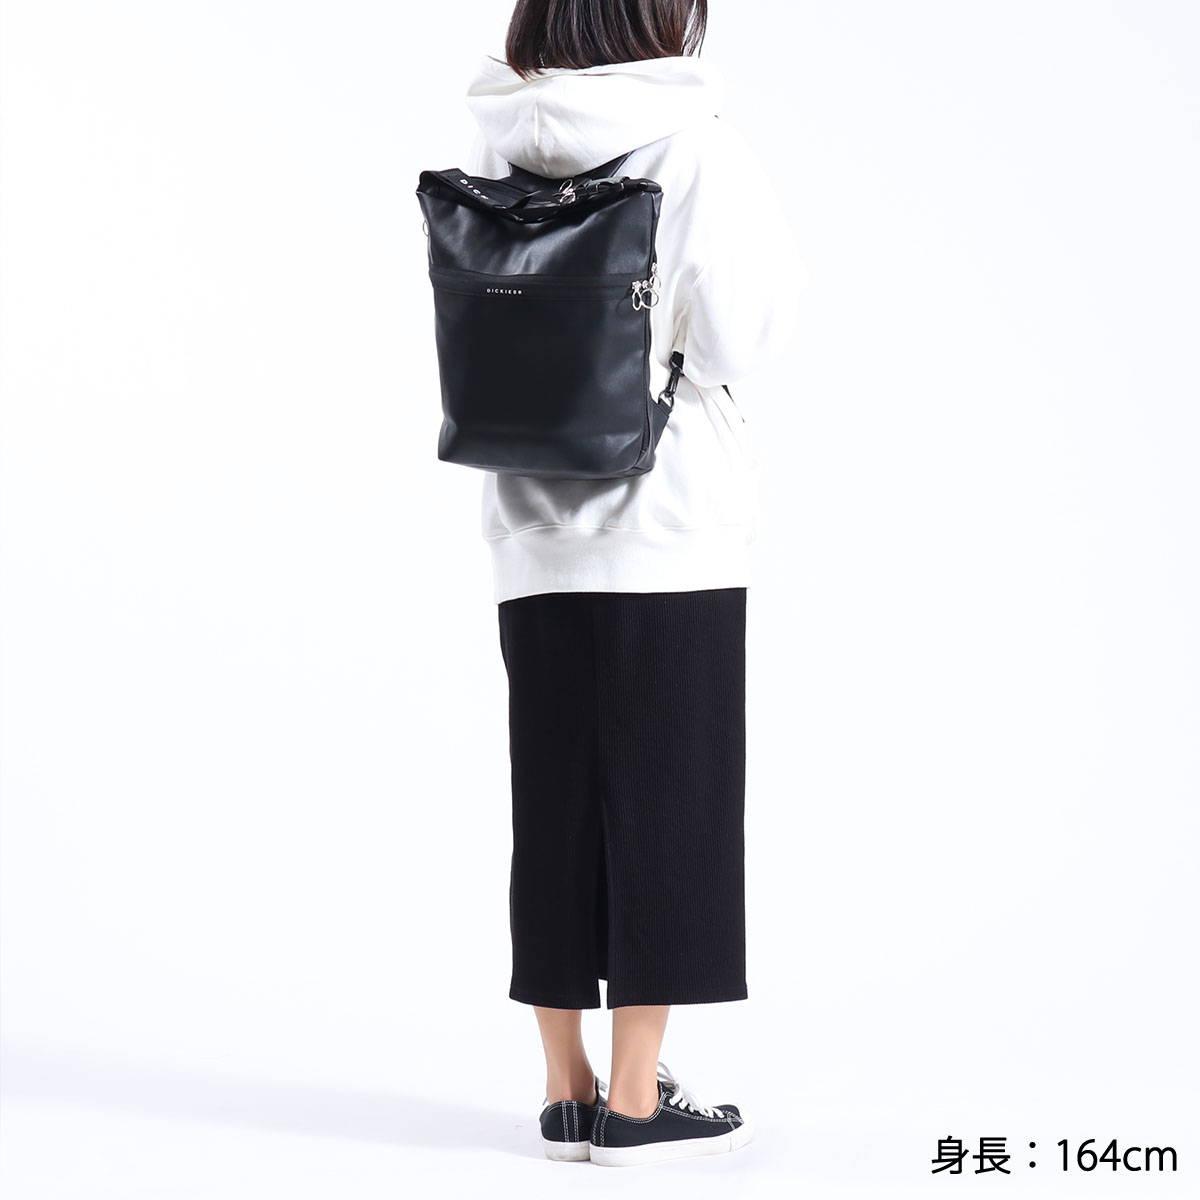 日本Galleria  /  Dickies SYNTHETIC LEATHER 2WAY BAG 休閒後背包  /  dic0031  /  日本必買 日本樂天直送(6490) /  件件含運 7